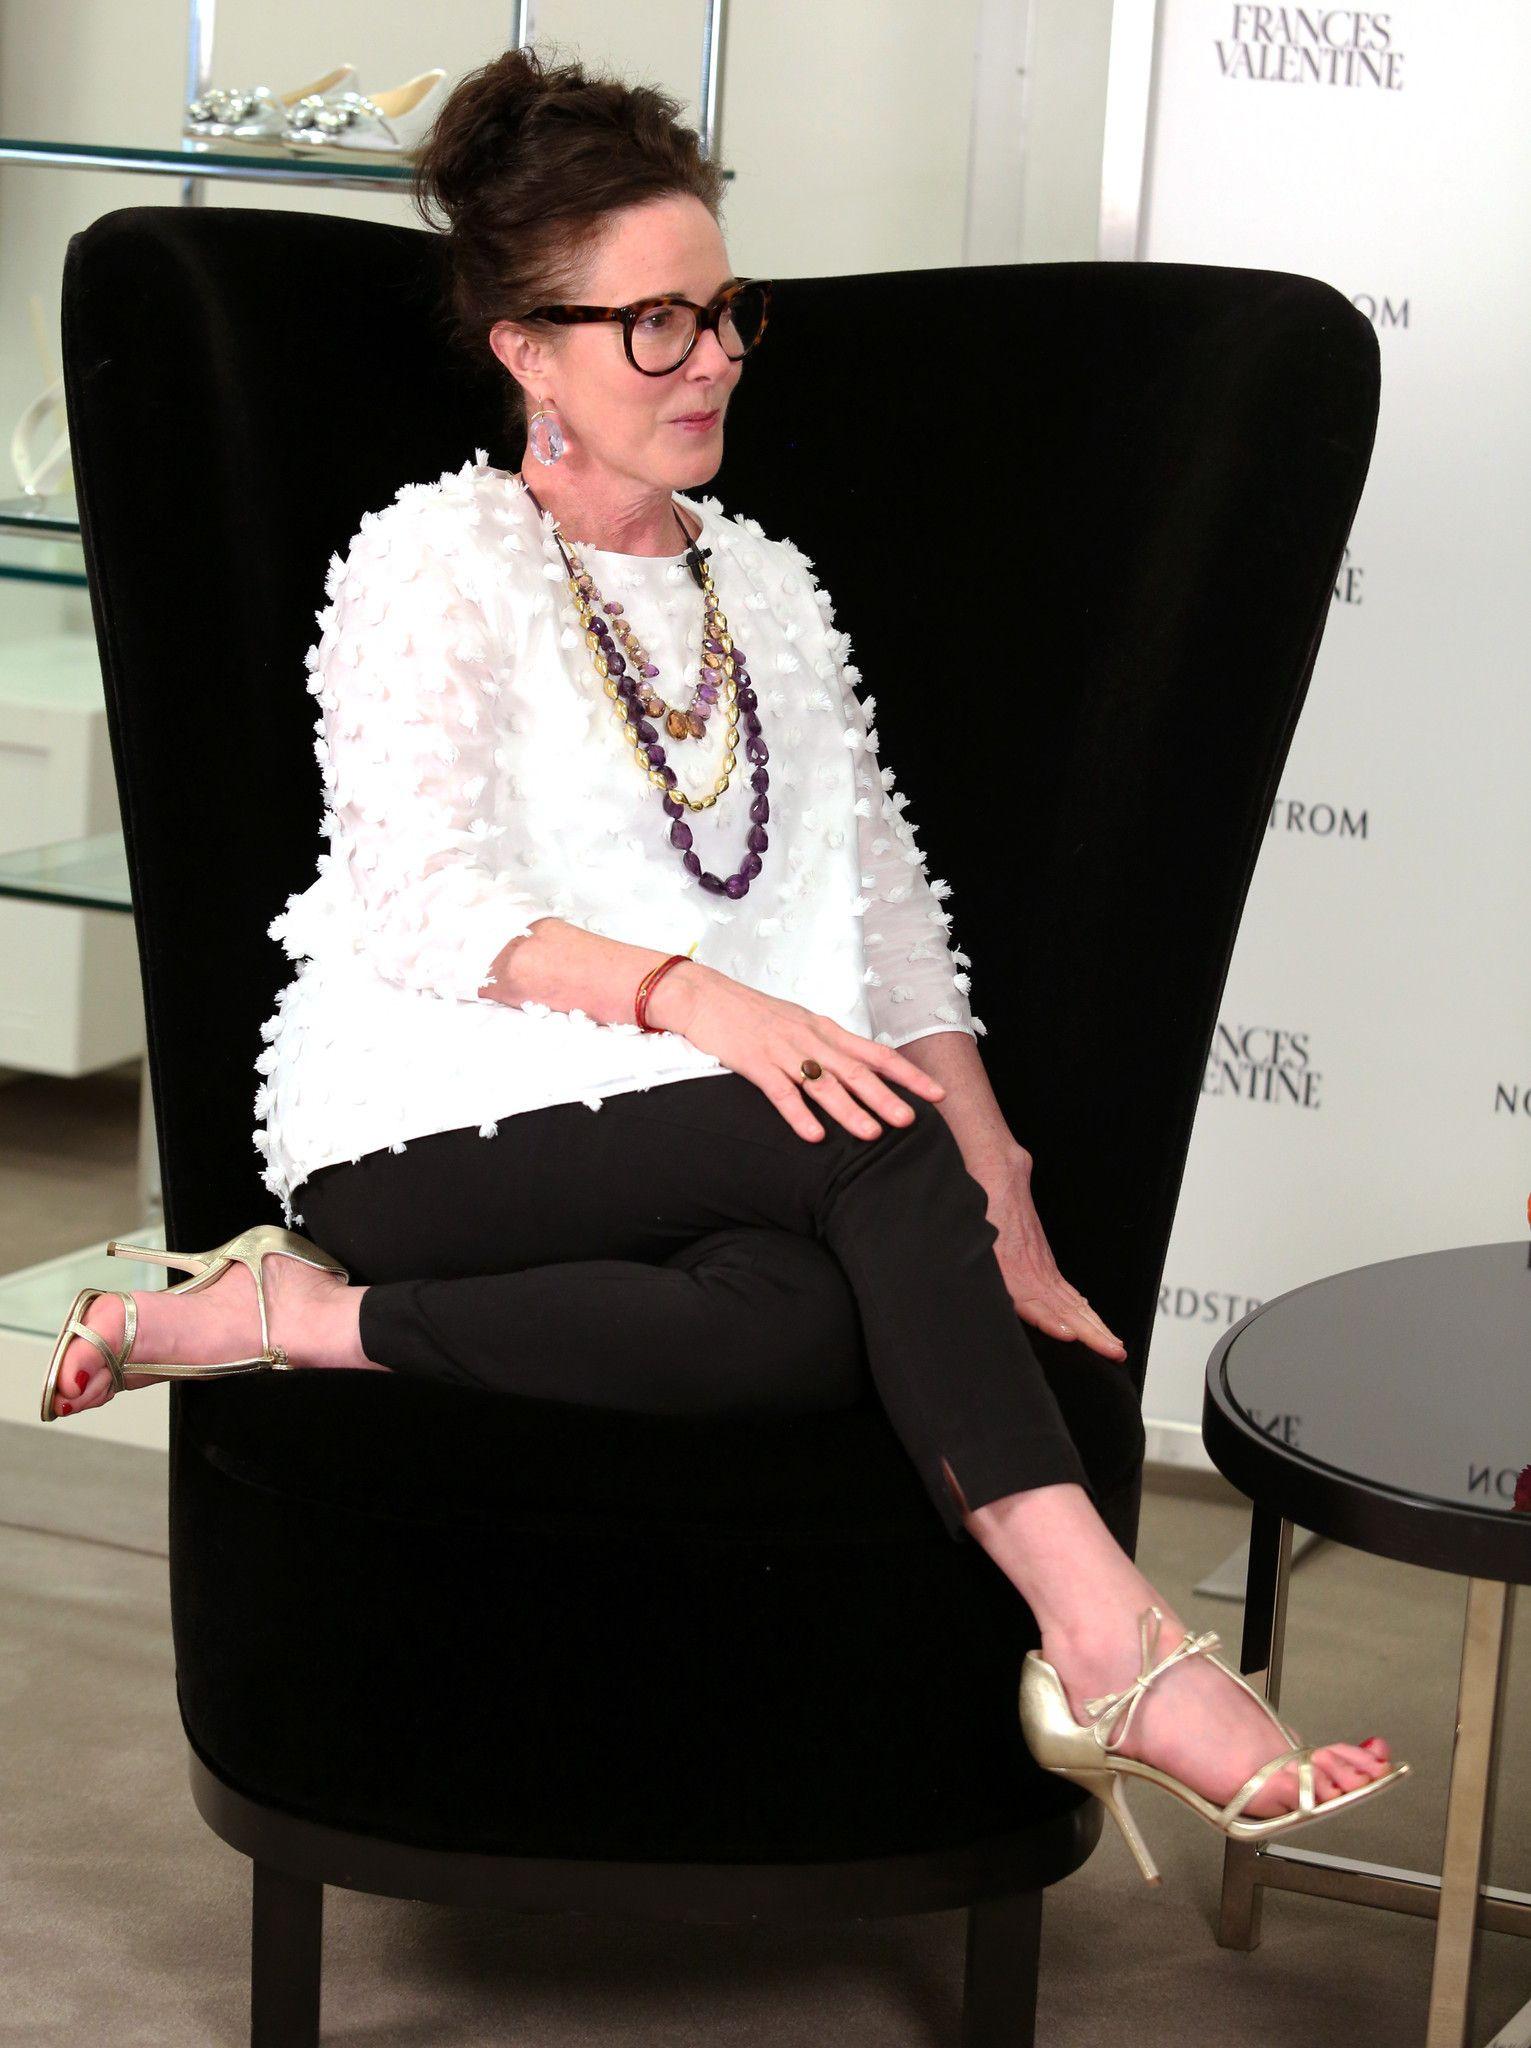 Frances Valentine Nordstrom Partners Amp Spade Amp Kate